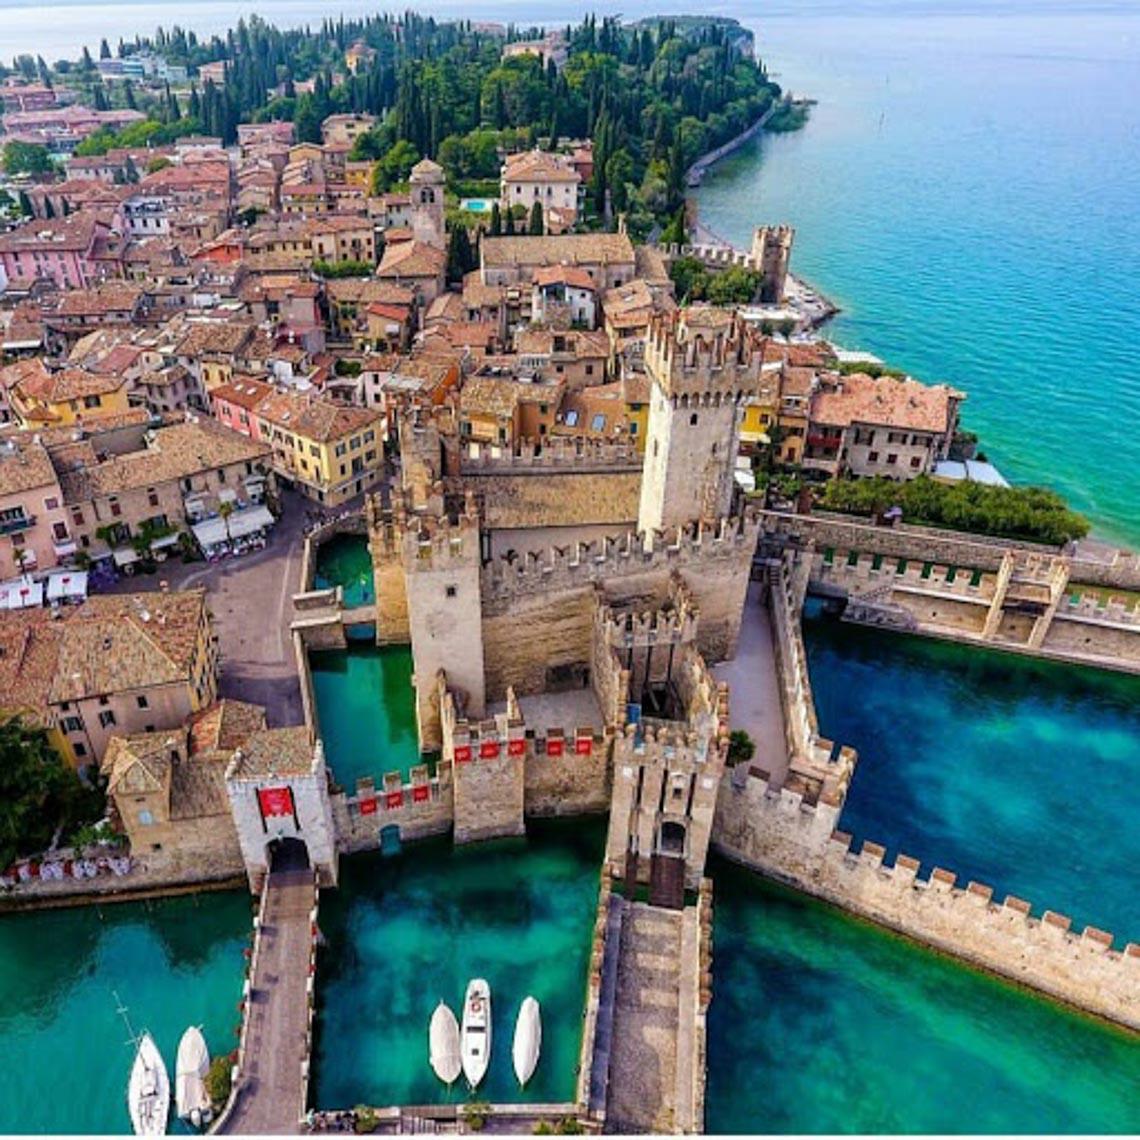 Khu giàu có bậc nhất Italy bị cách ly vì dịch Covid-19 -9